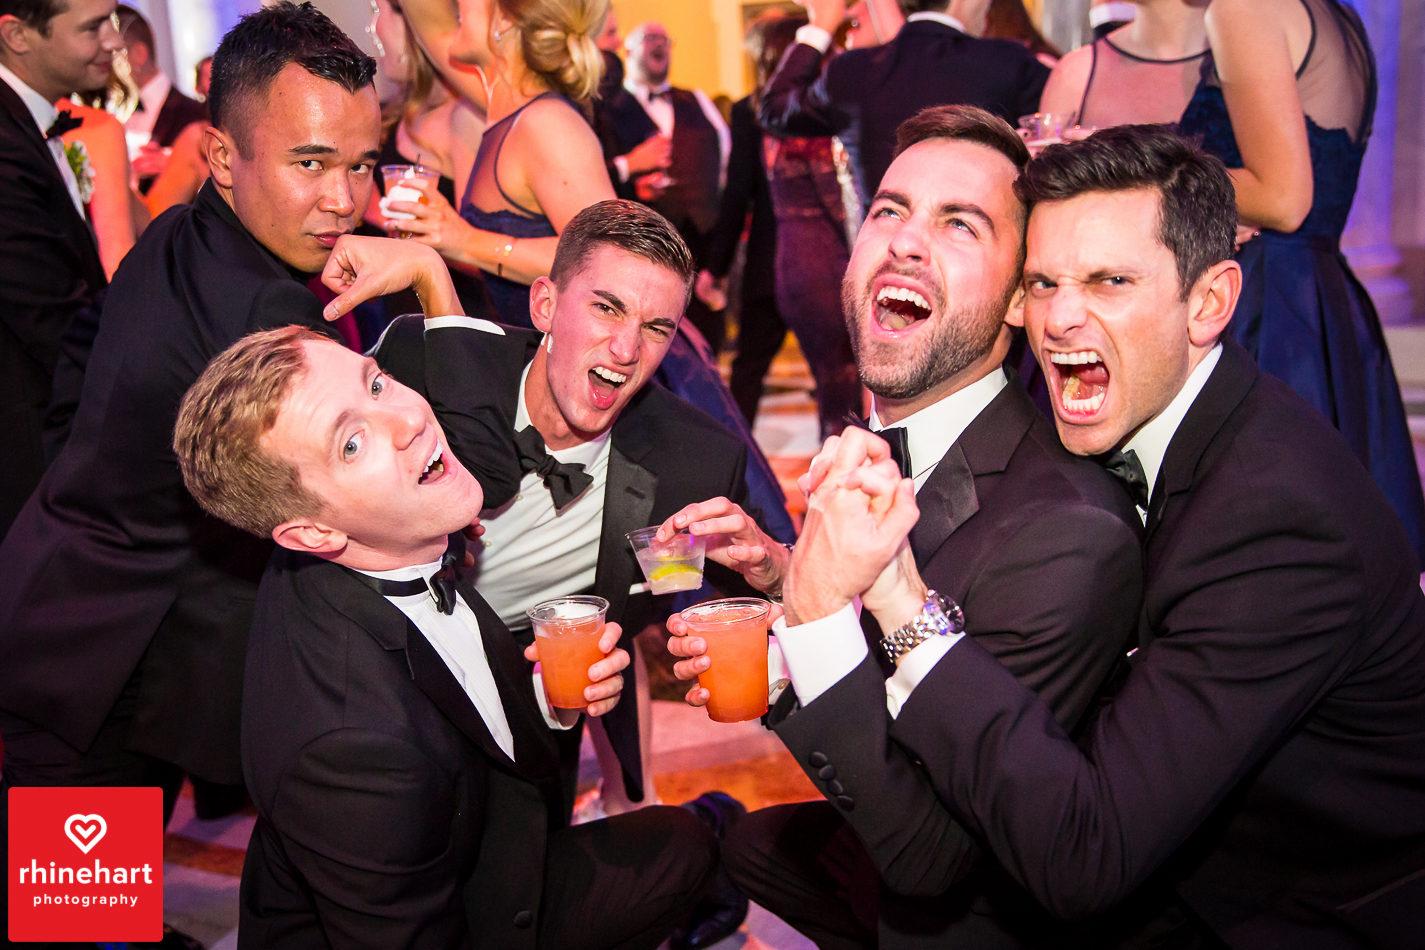 carnegie-institution-of-washington-dc-wedding-photographer-611